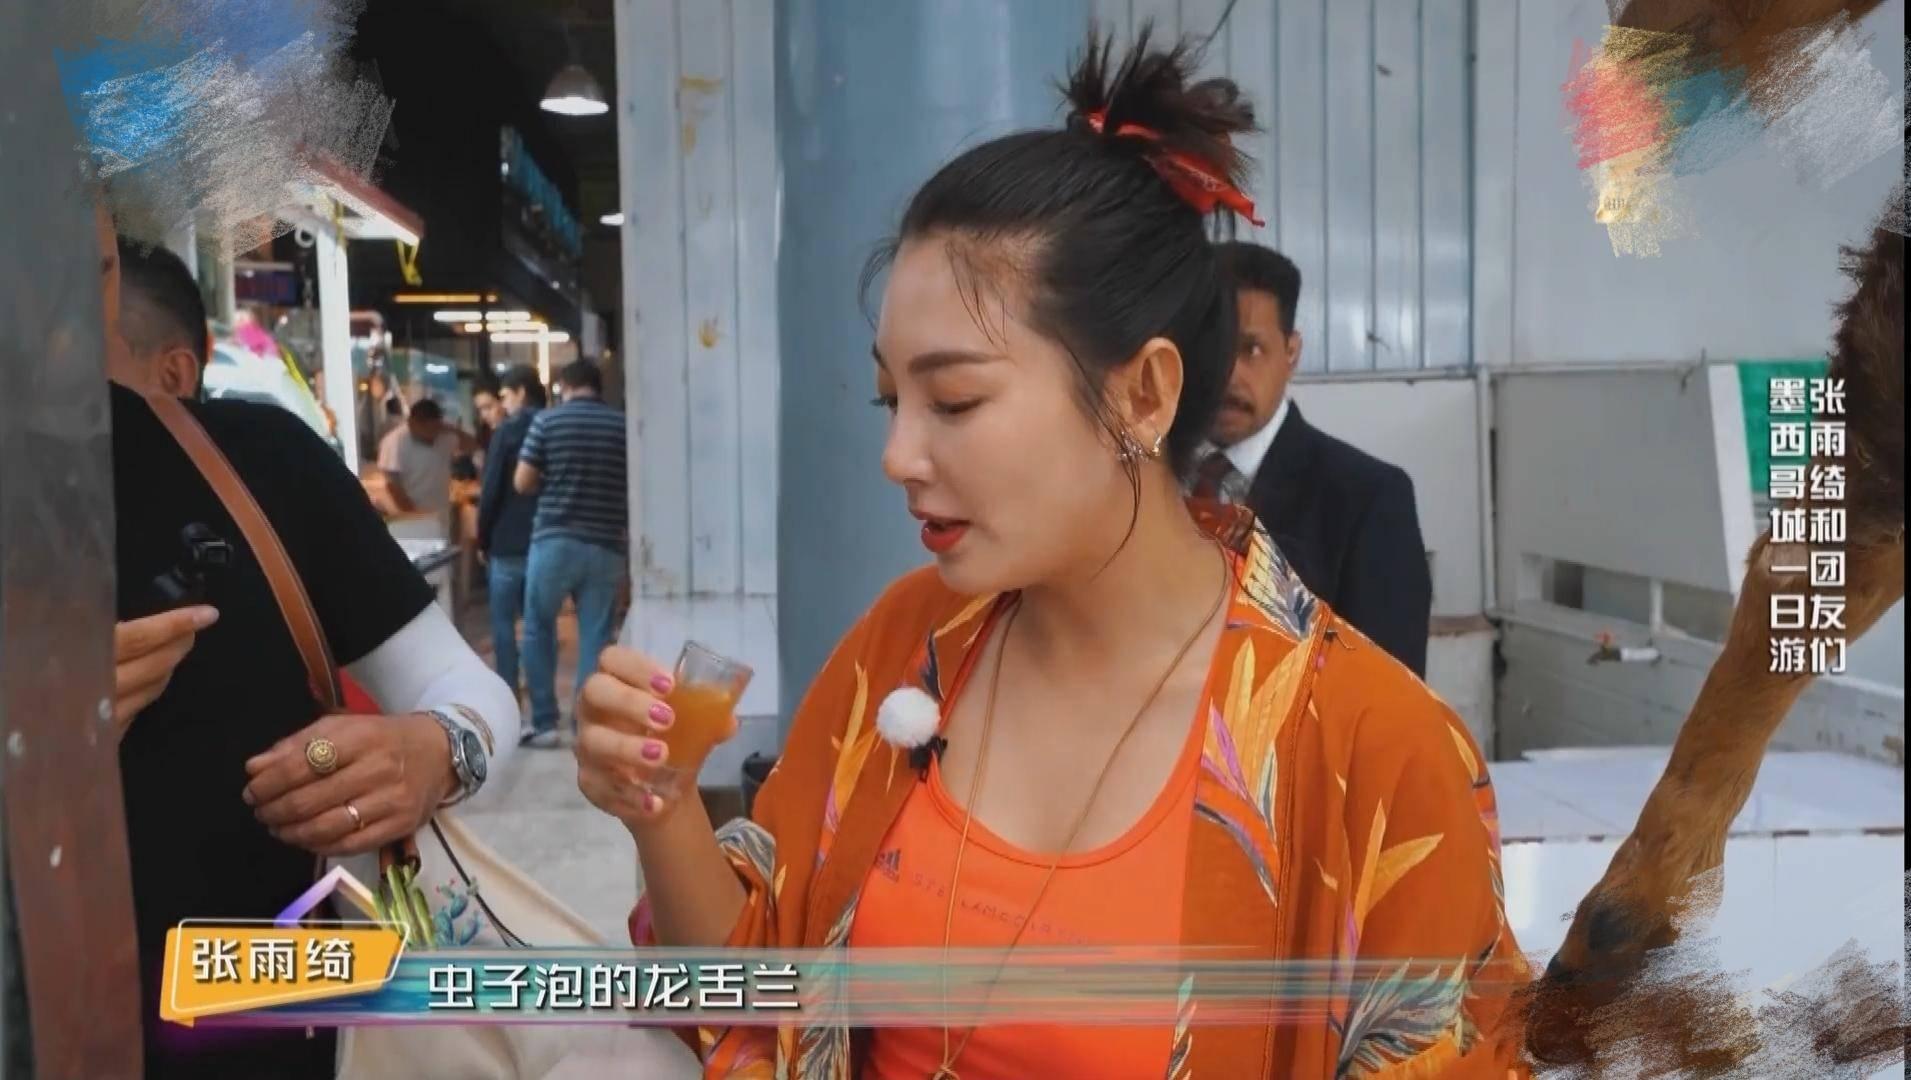 张雨绮墨西哥录节目,爱上吃蜘蛛,是为节目效果还是女汉子性格?